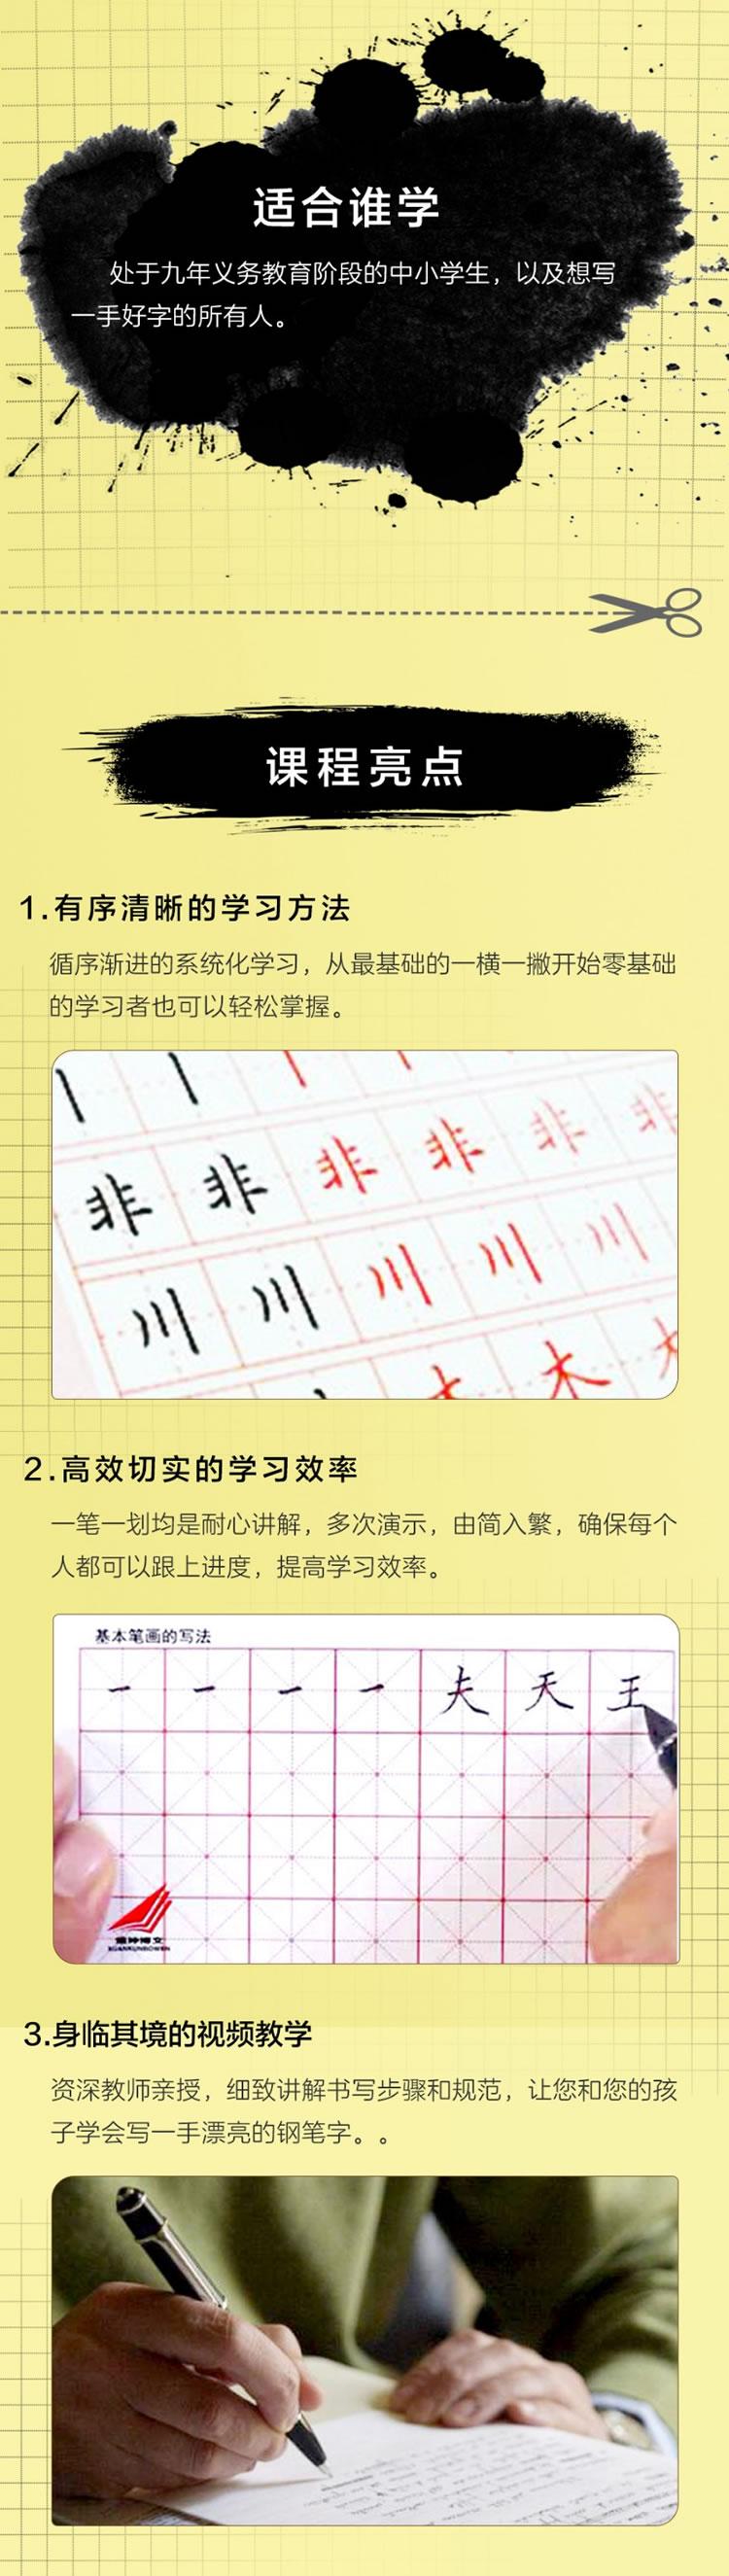 丁永康讲中小学生硬笔书法详情4.jpg